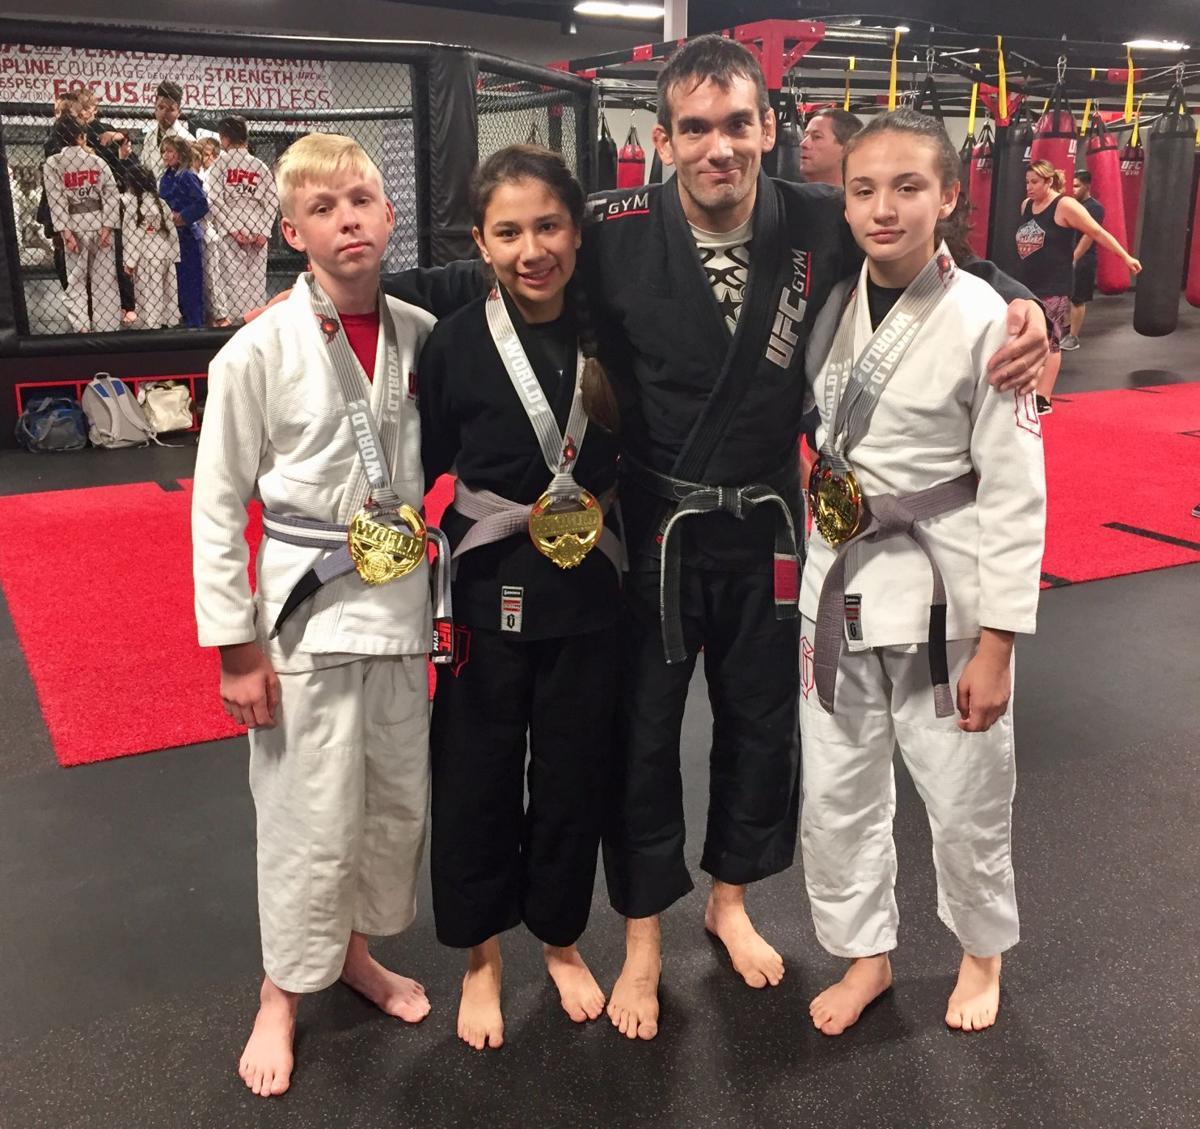 Brazilian jiu jitsu champions